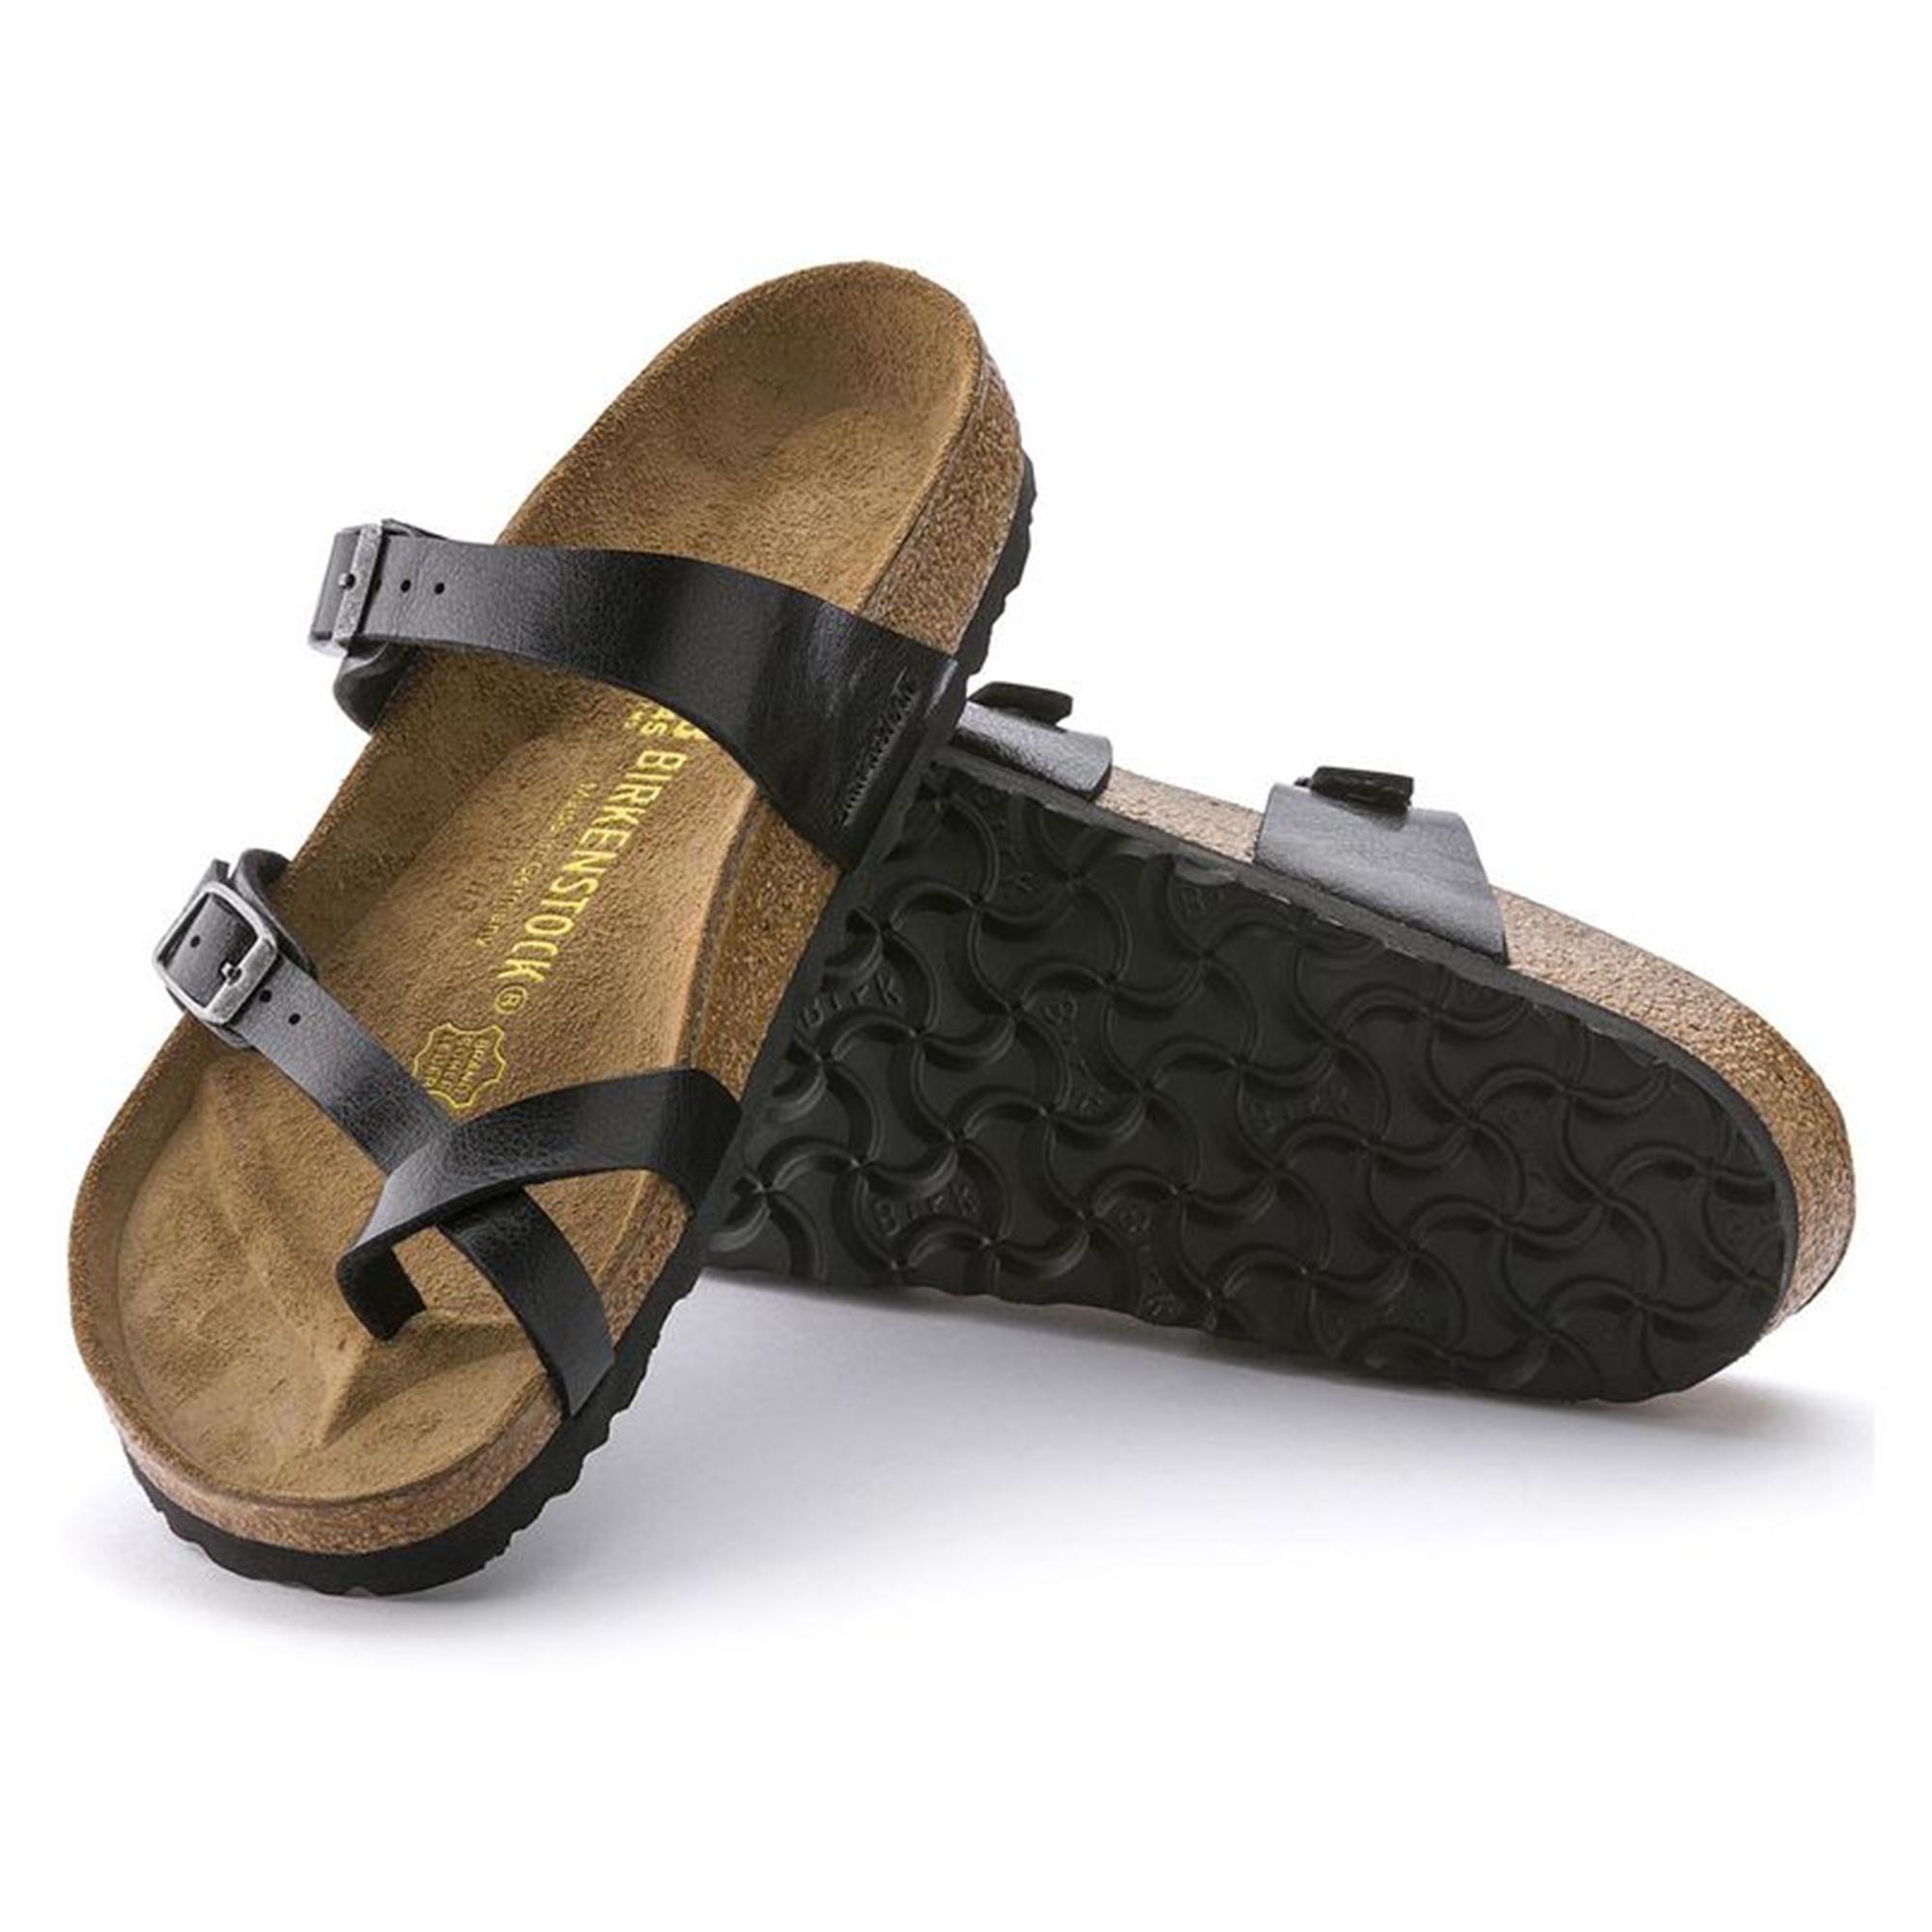 49e506f24fa Birkenstock MAYARI 171391 Ladies Cross Strap Sandals Licorice